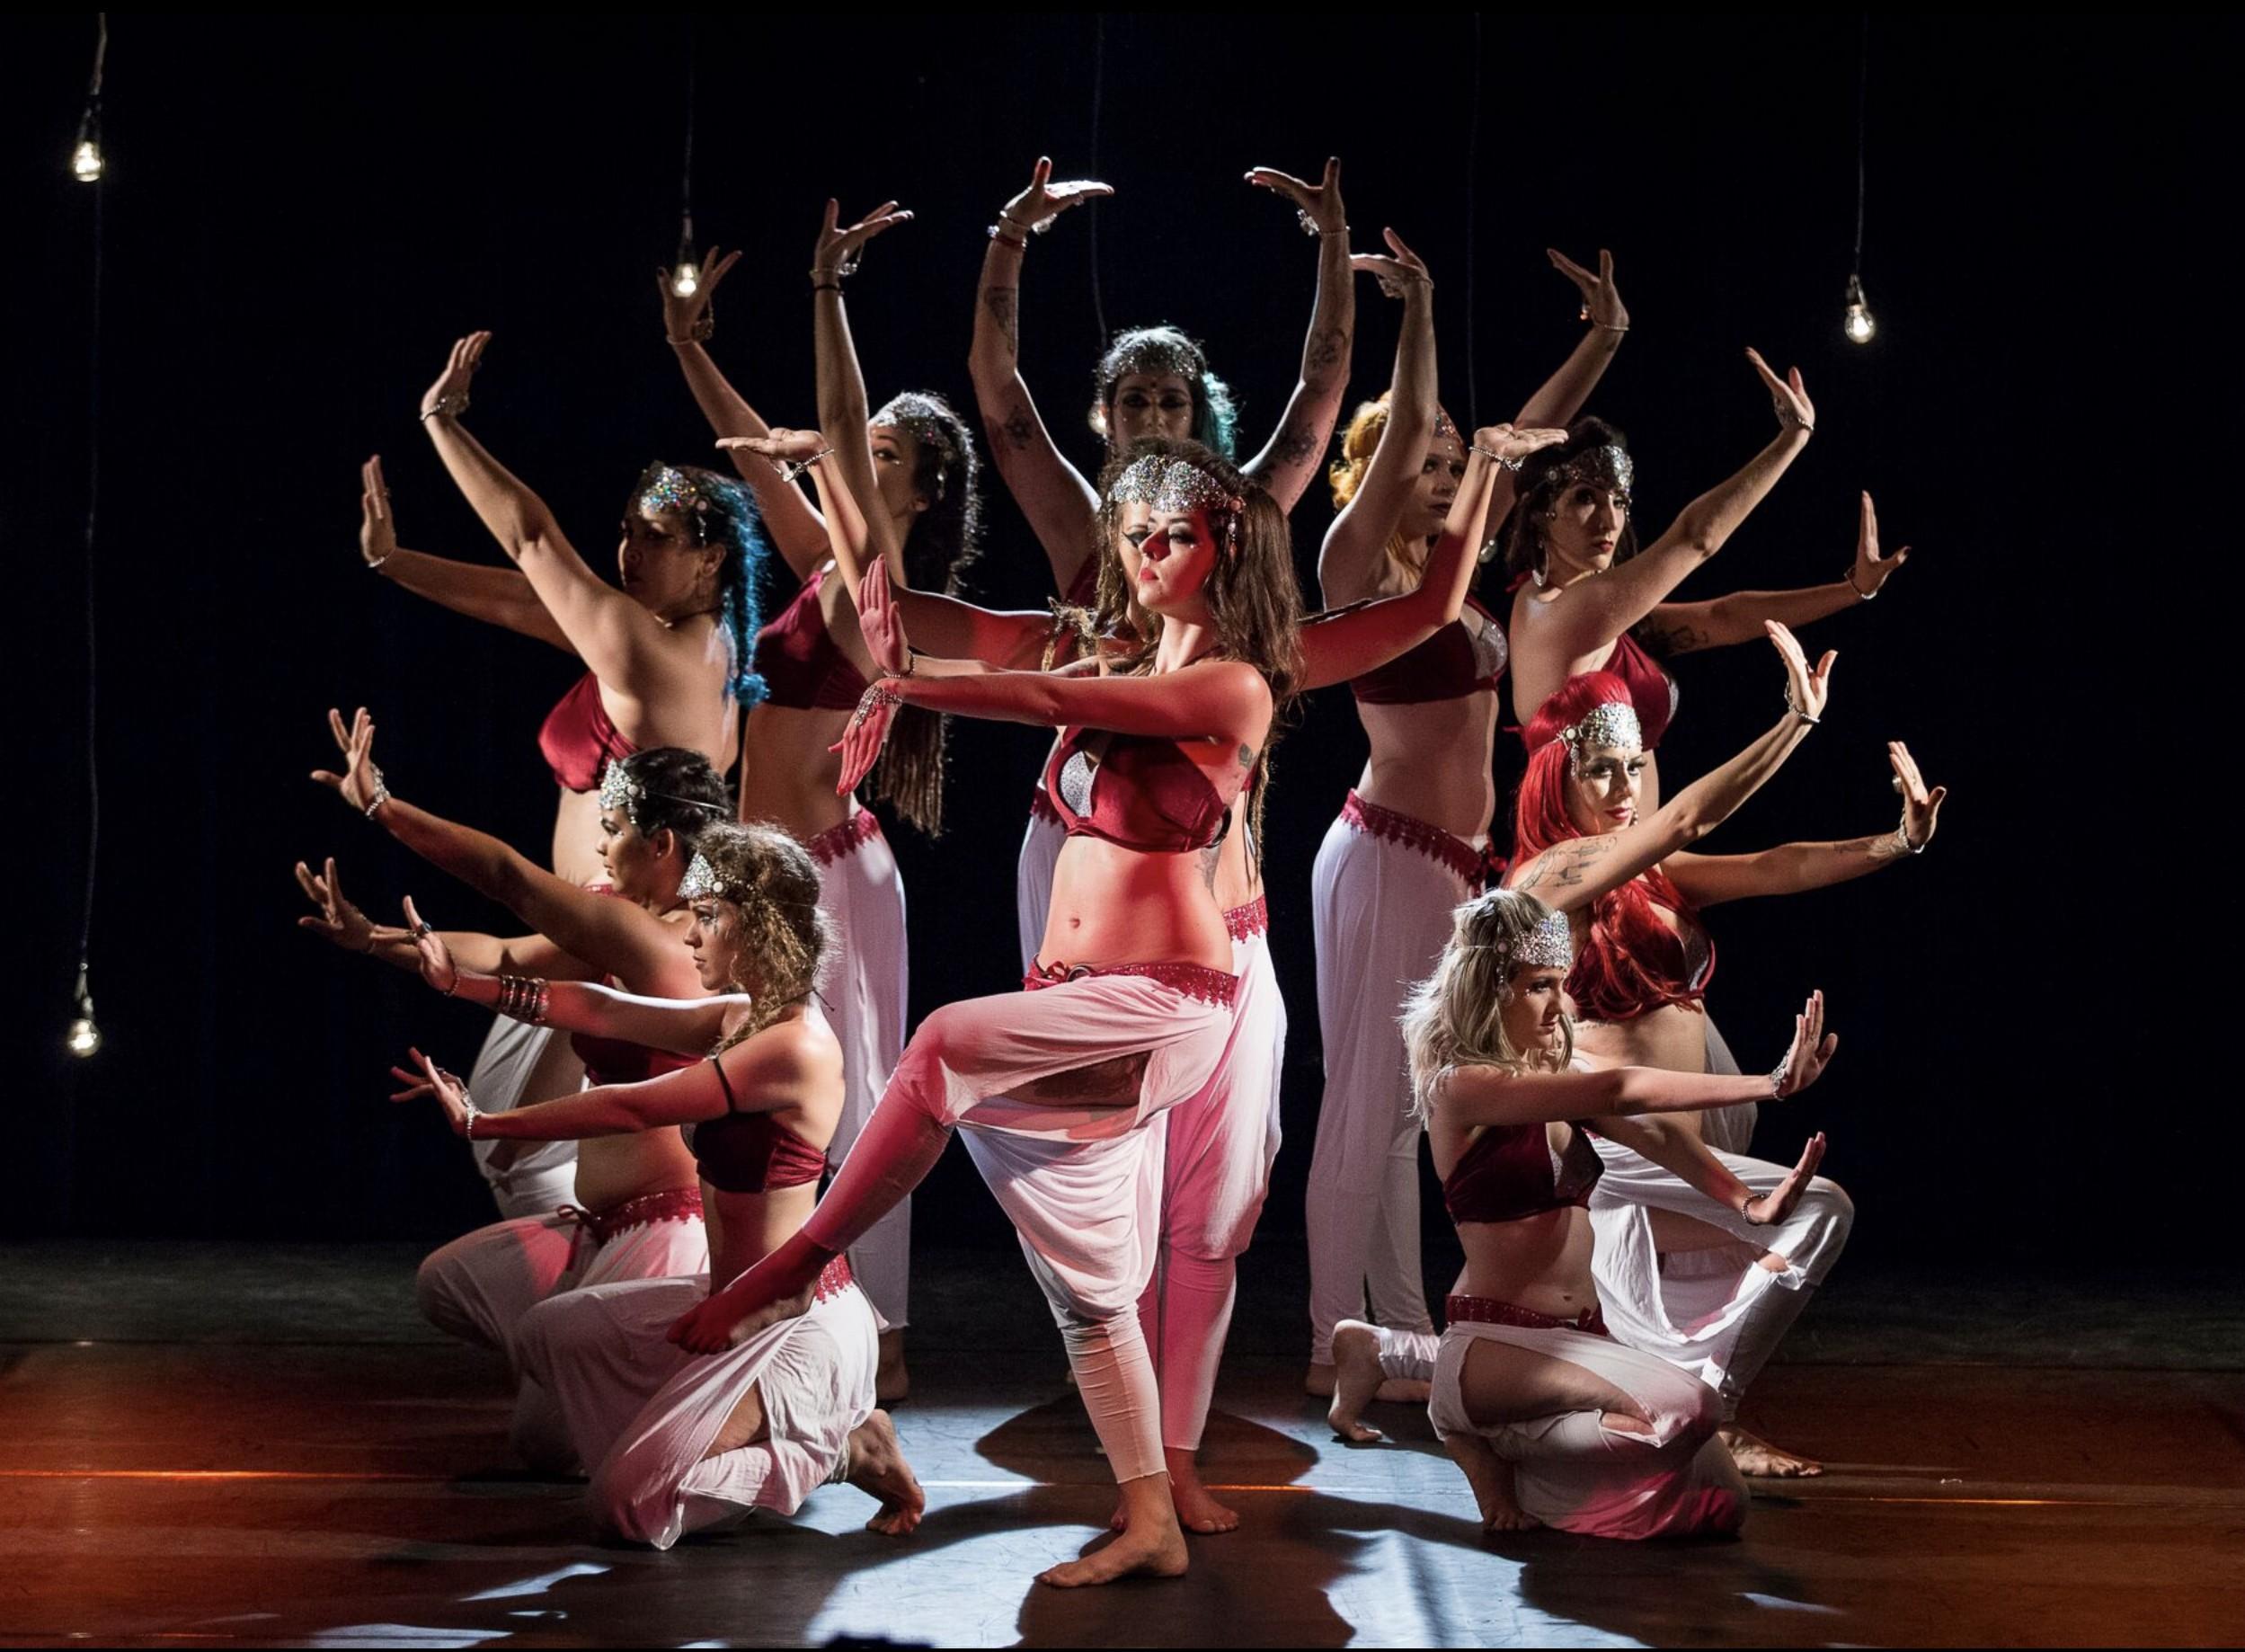 Festival de dança tribal traz bailarina dos EUA para apresentação em Natal - Notícias - Plantão Diário